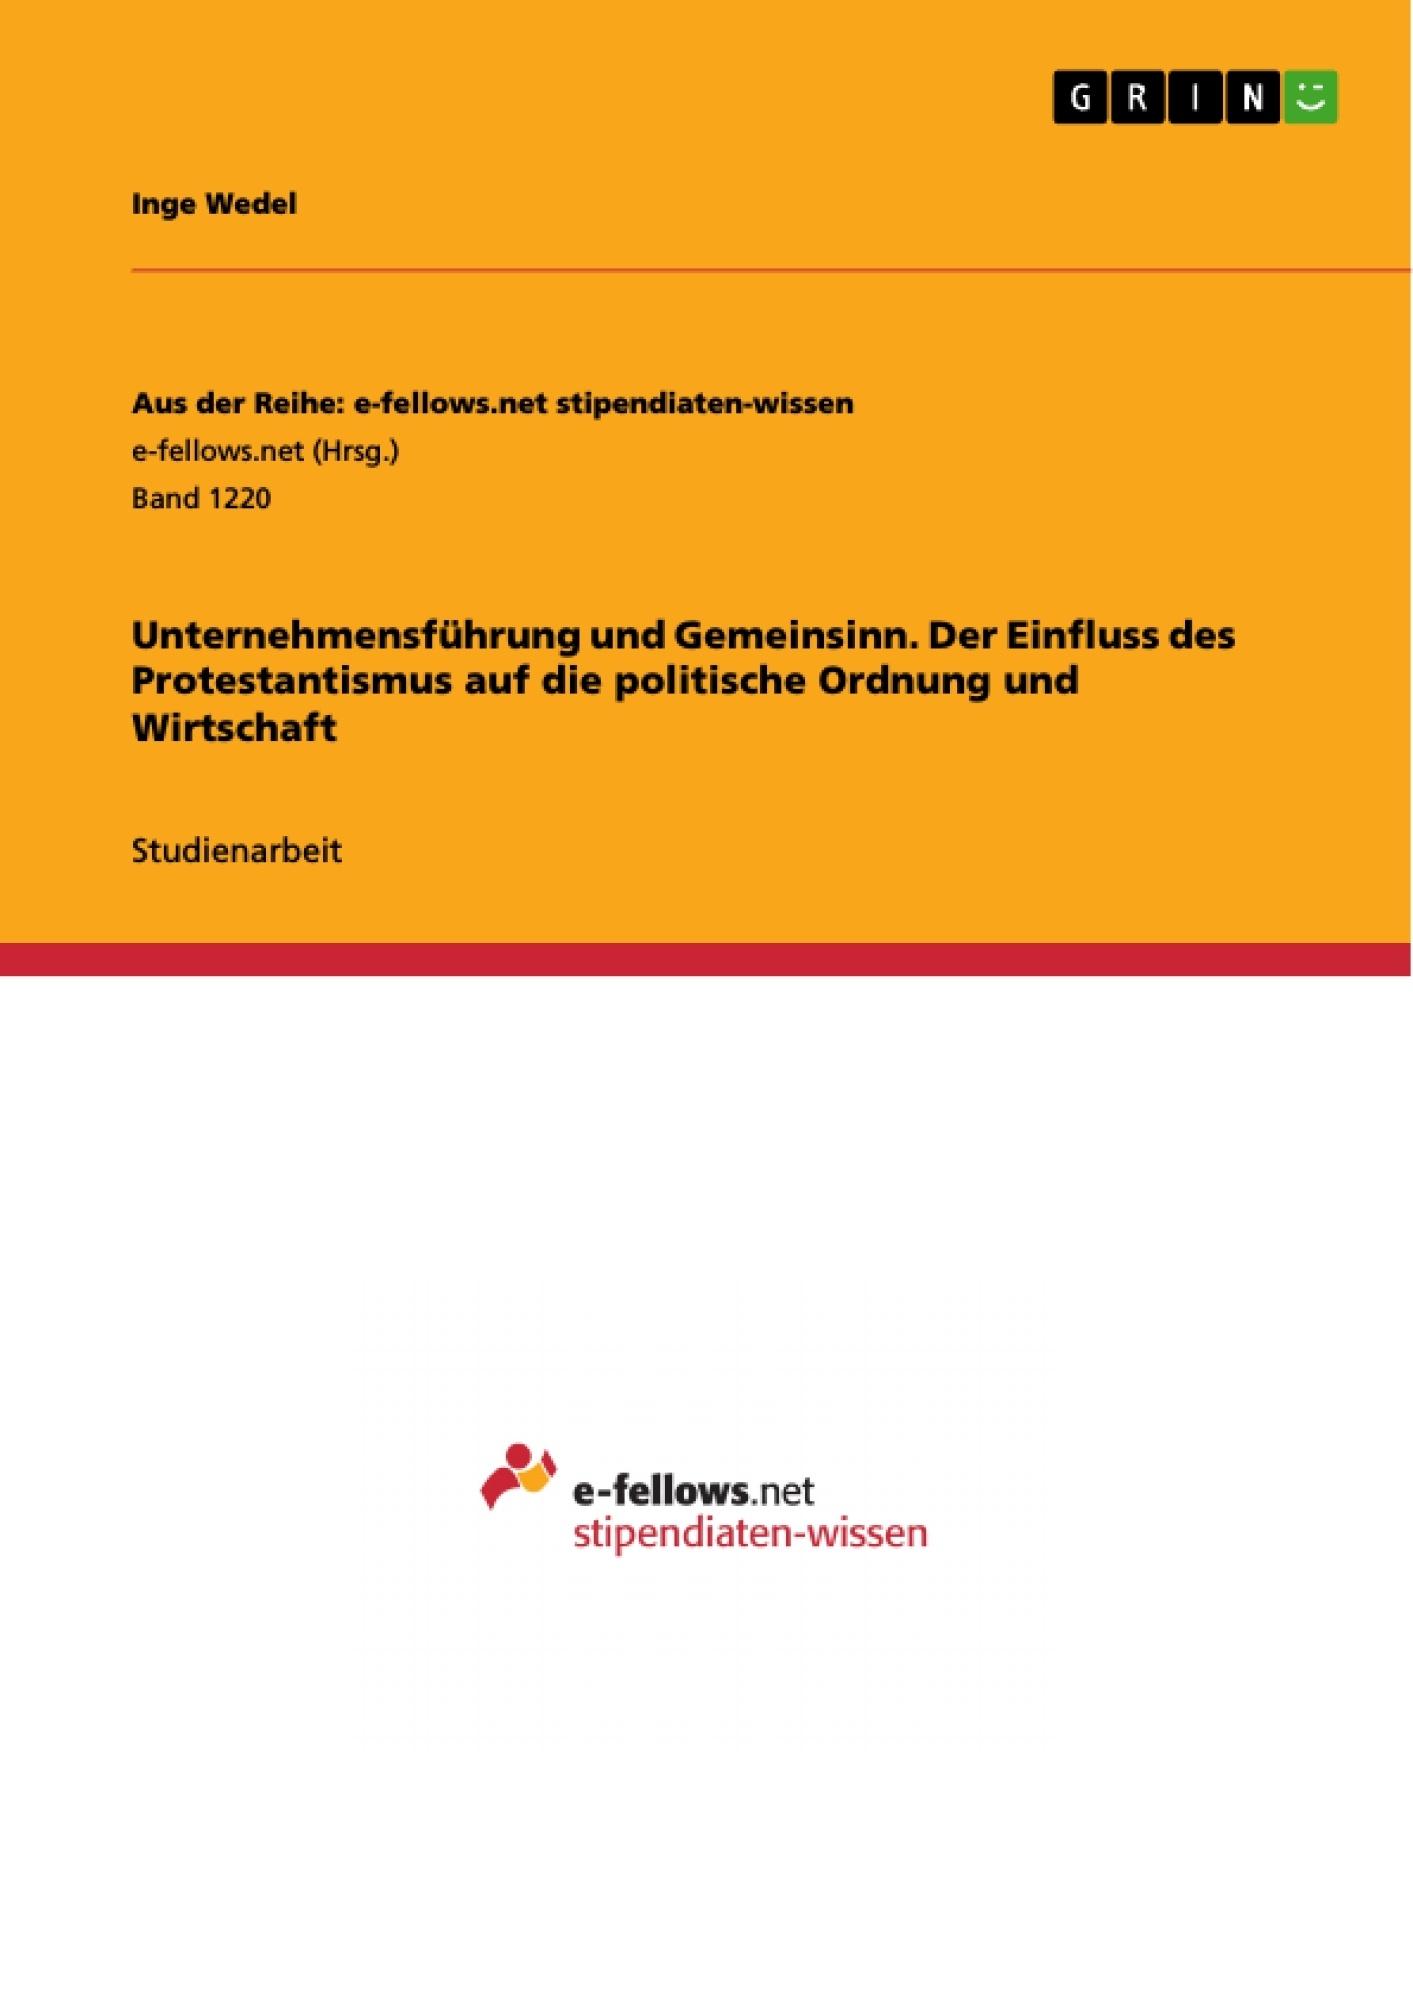 Titel: Unternehmensführung und Gemeinsinn. Der Einfluss des Protestantismus auf die politische Ordnung und Wirtschaft